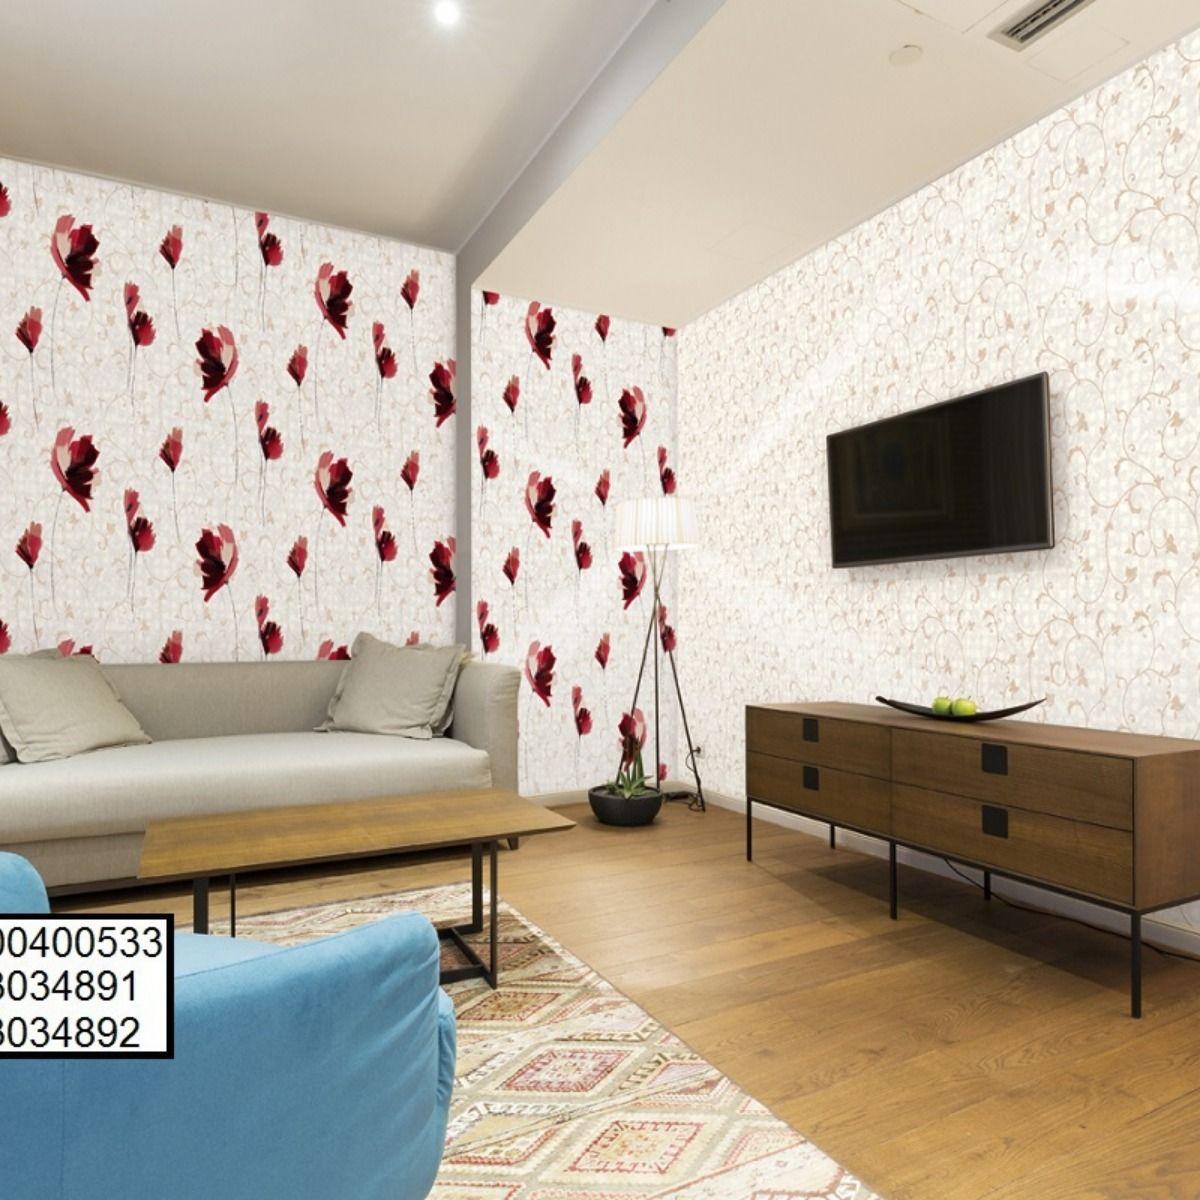 ورق جدران غرف نوم ورق حائط ريسبشن ورق الحائط Home Decor Decor Home Decor Decals